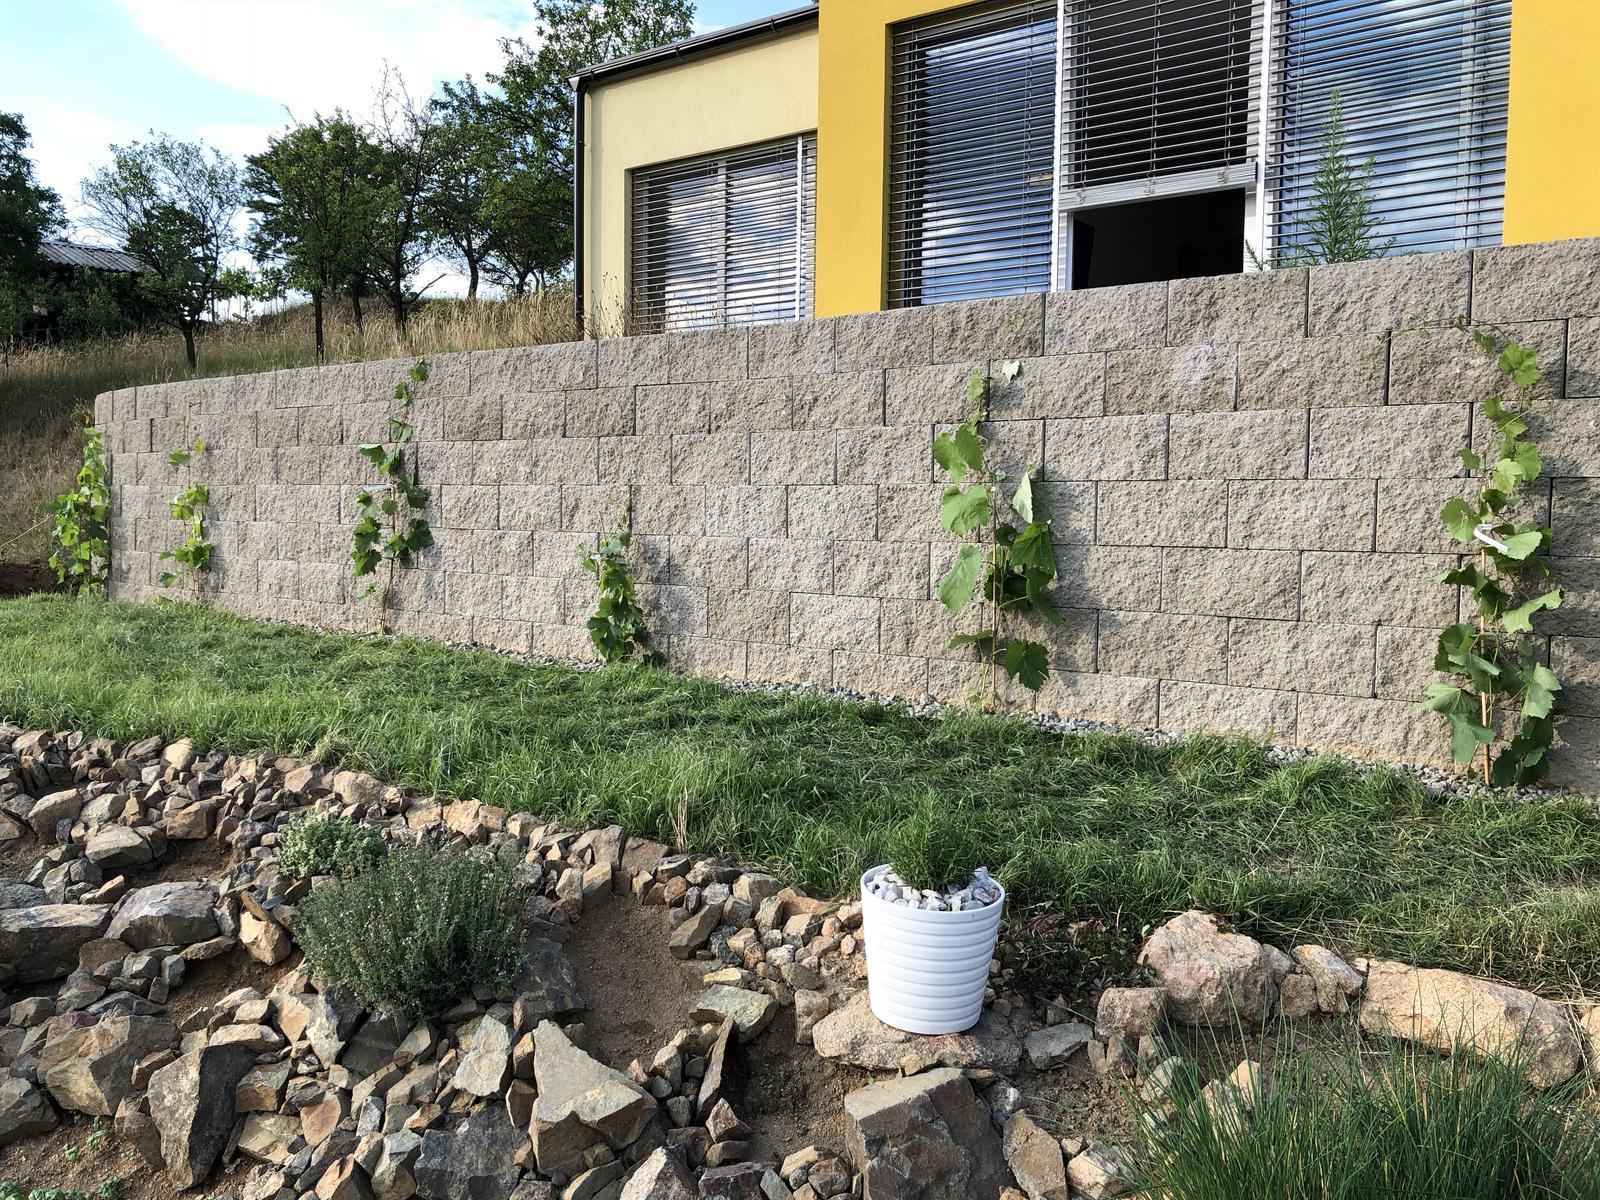 Fáze druhá ... zahrada - Červen 2018 (ráno) - trávníku se jakžtakž daří, čerstvě je zasazena vinná réva